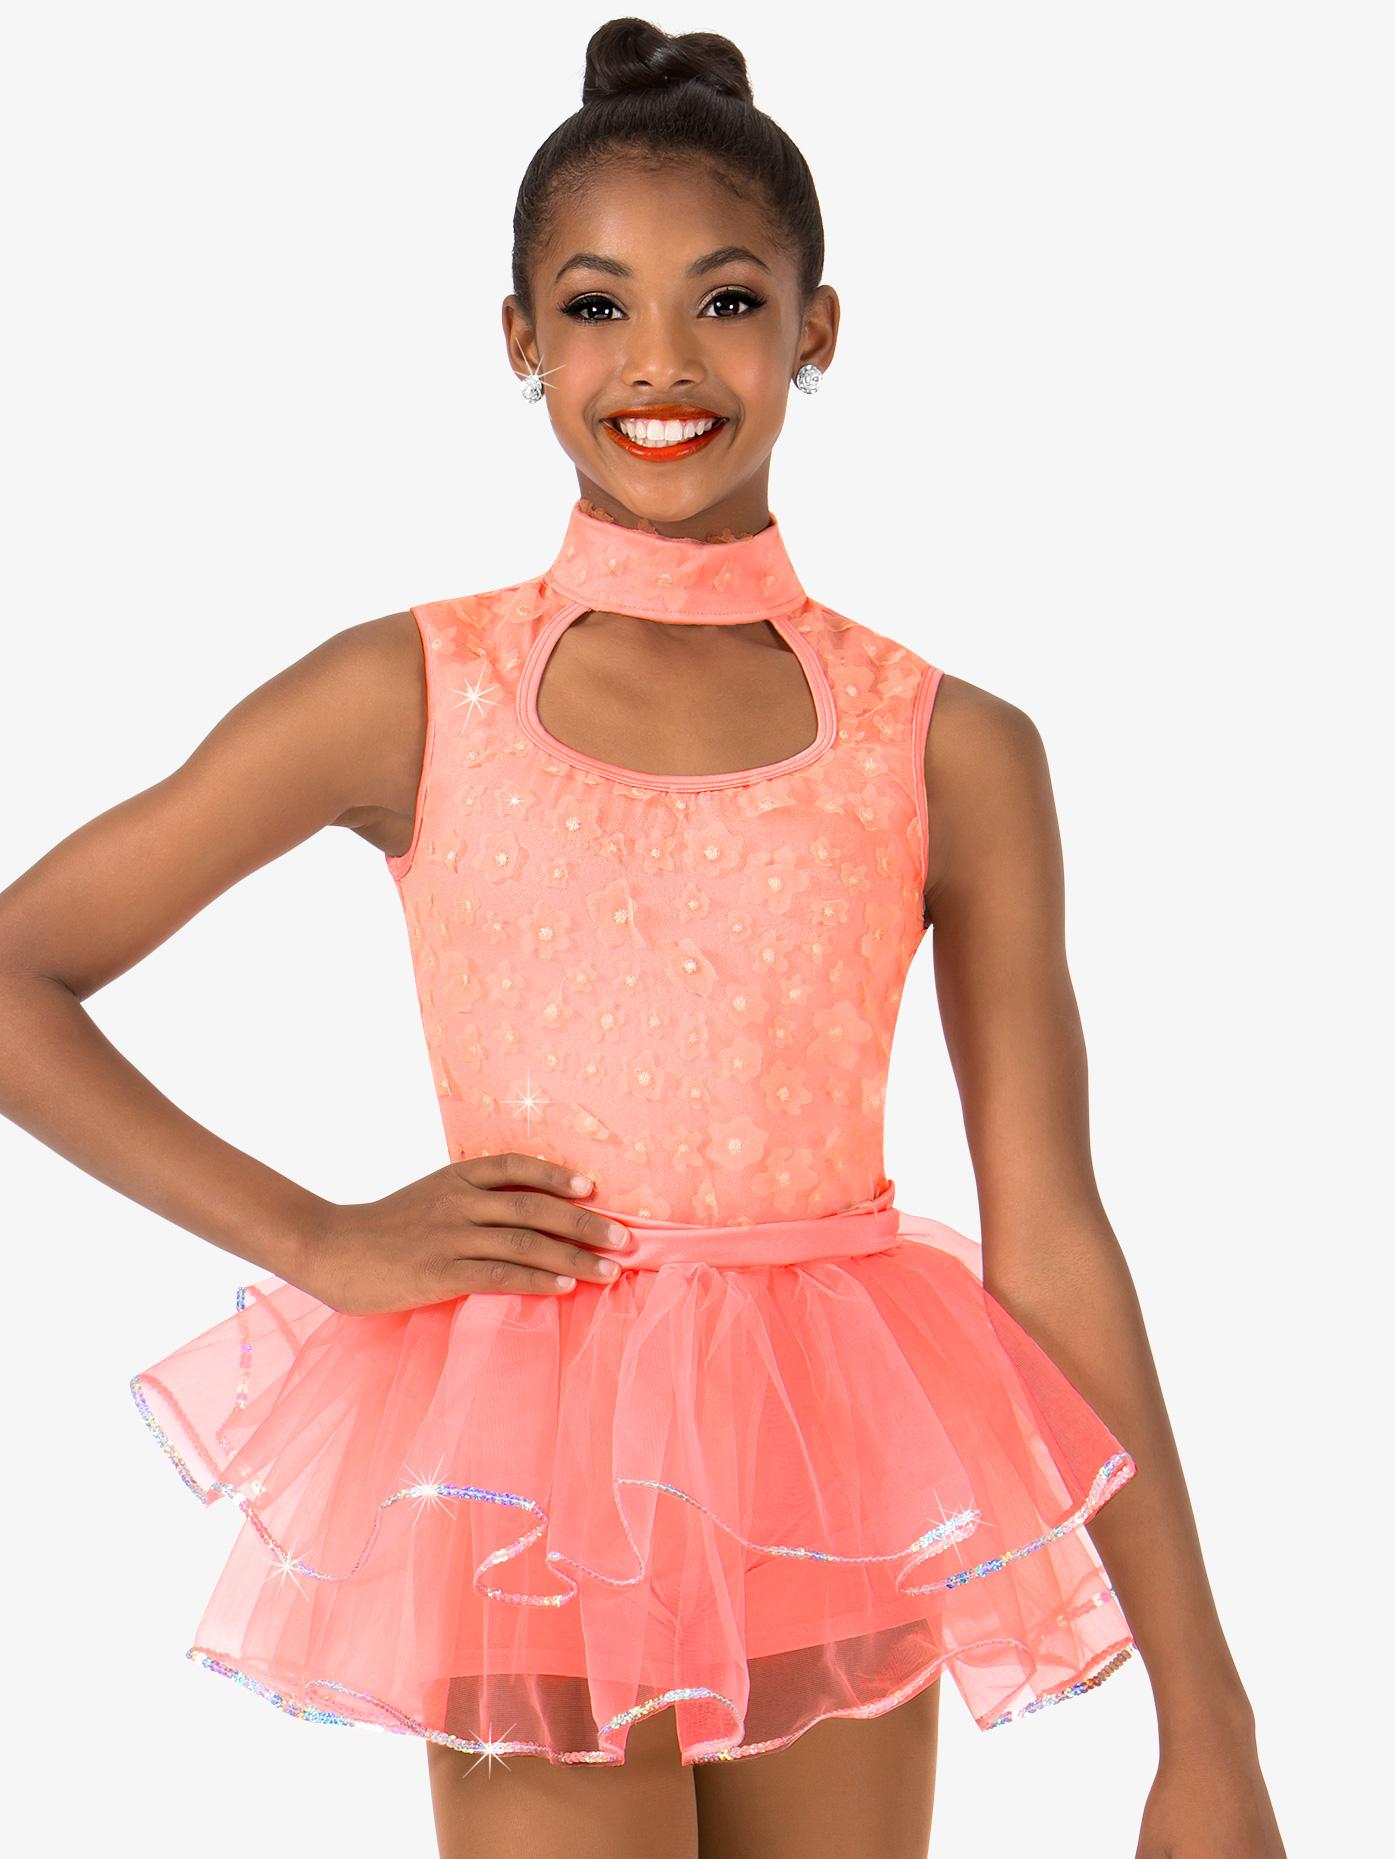 Gracie Girls 3-D Floral Tank Performance Tiered Tutu Dress N7424C